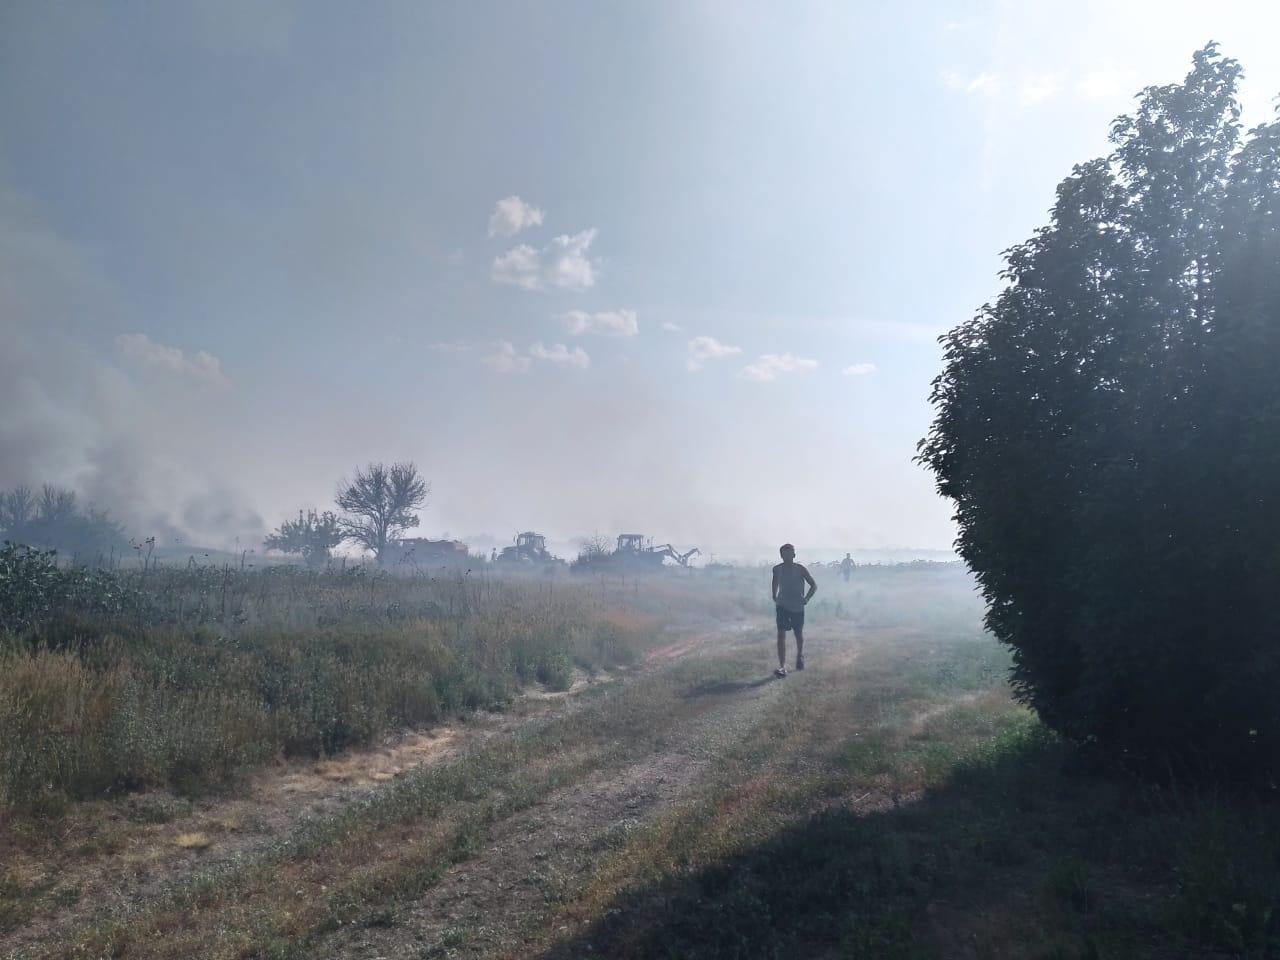 Село Малое Перекопное удалось отстоять от огня всем миром